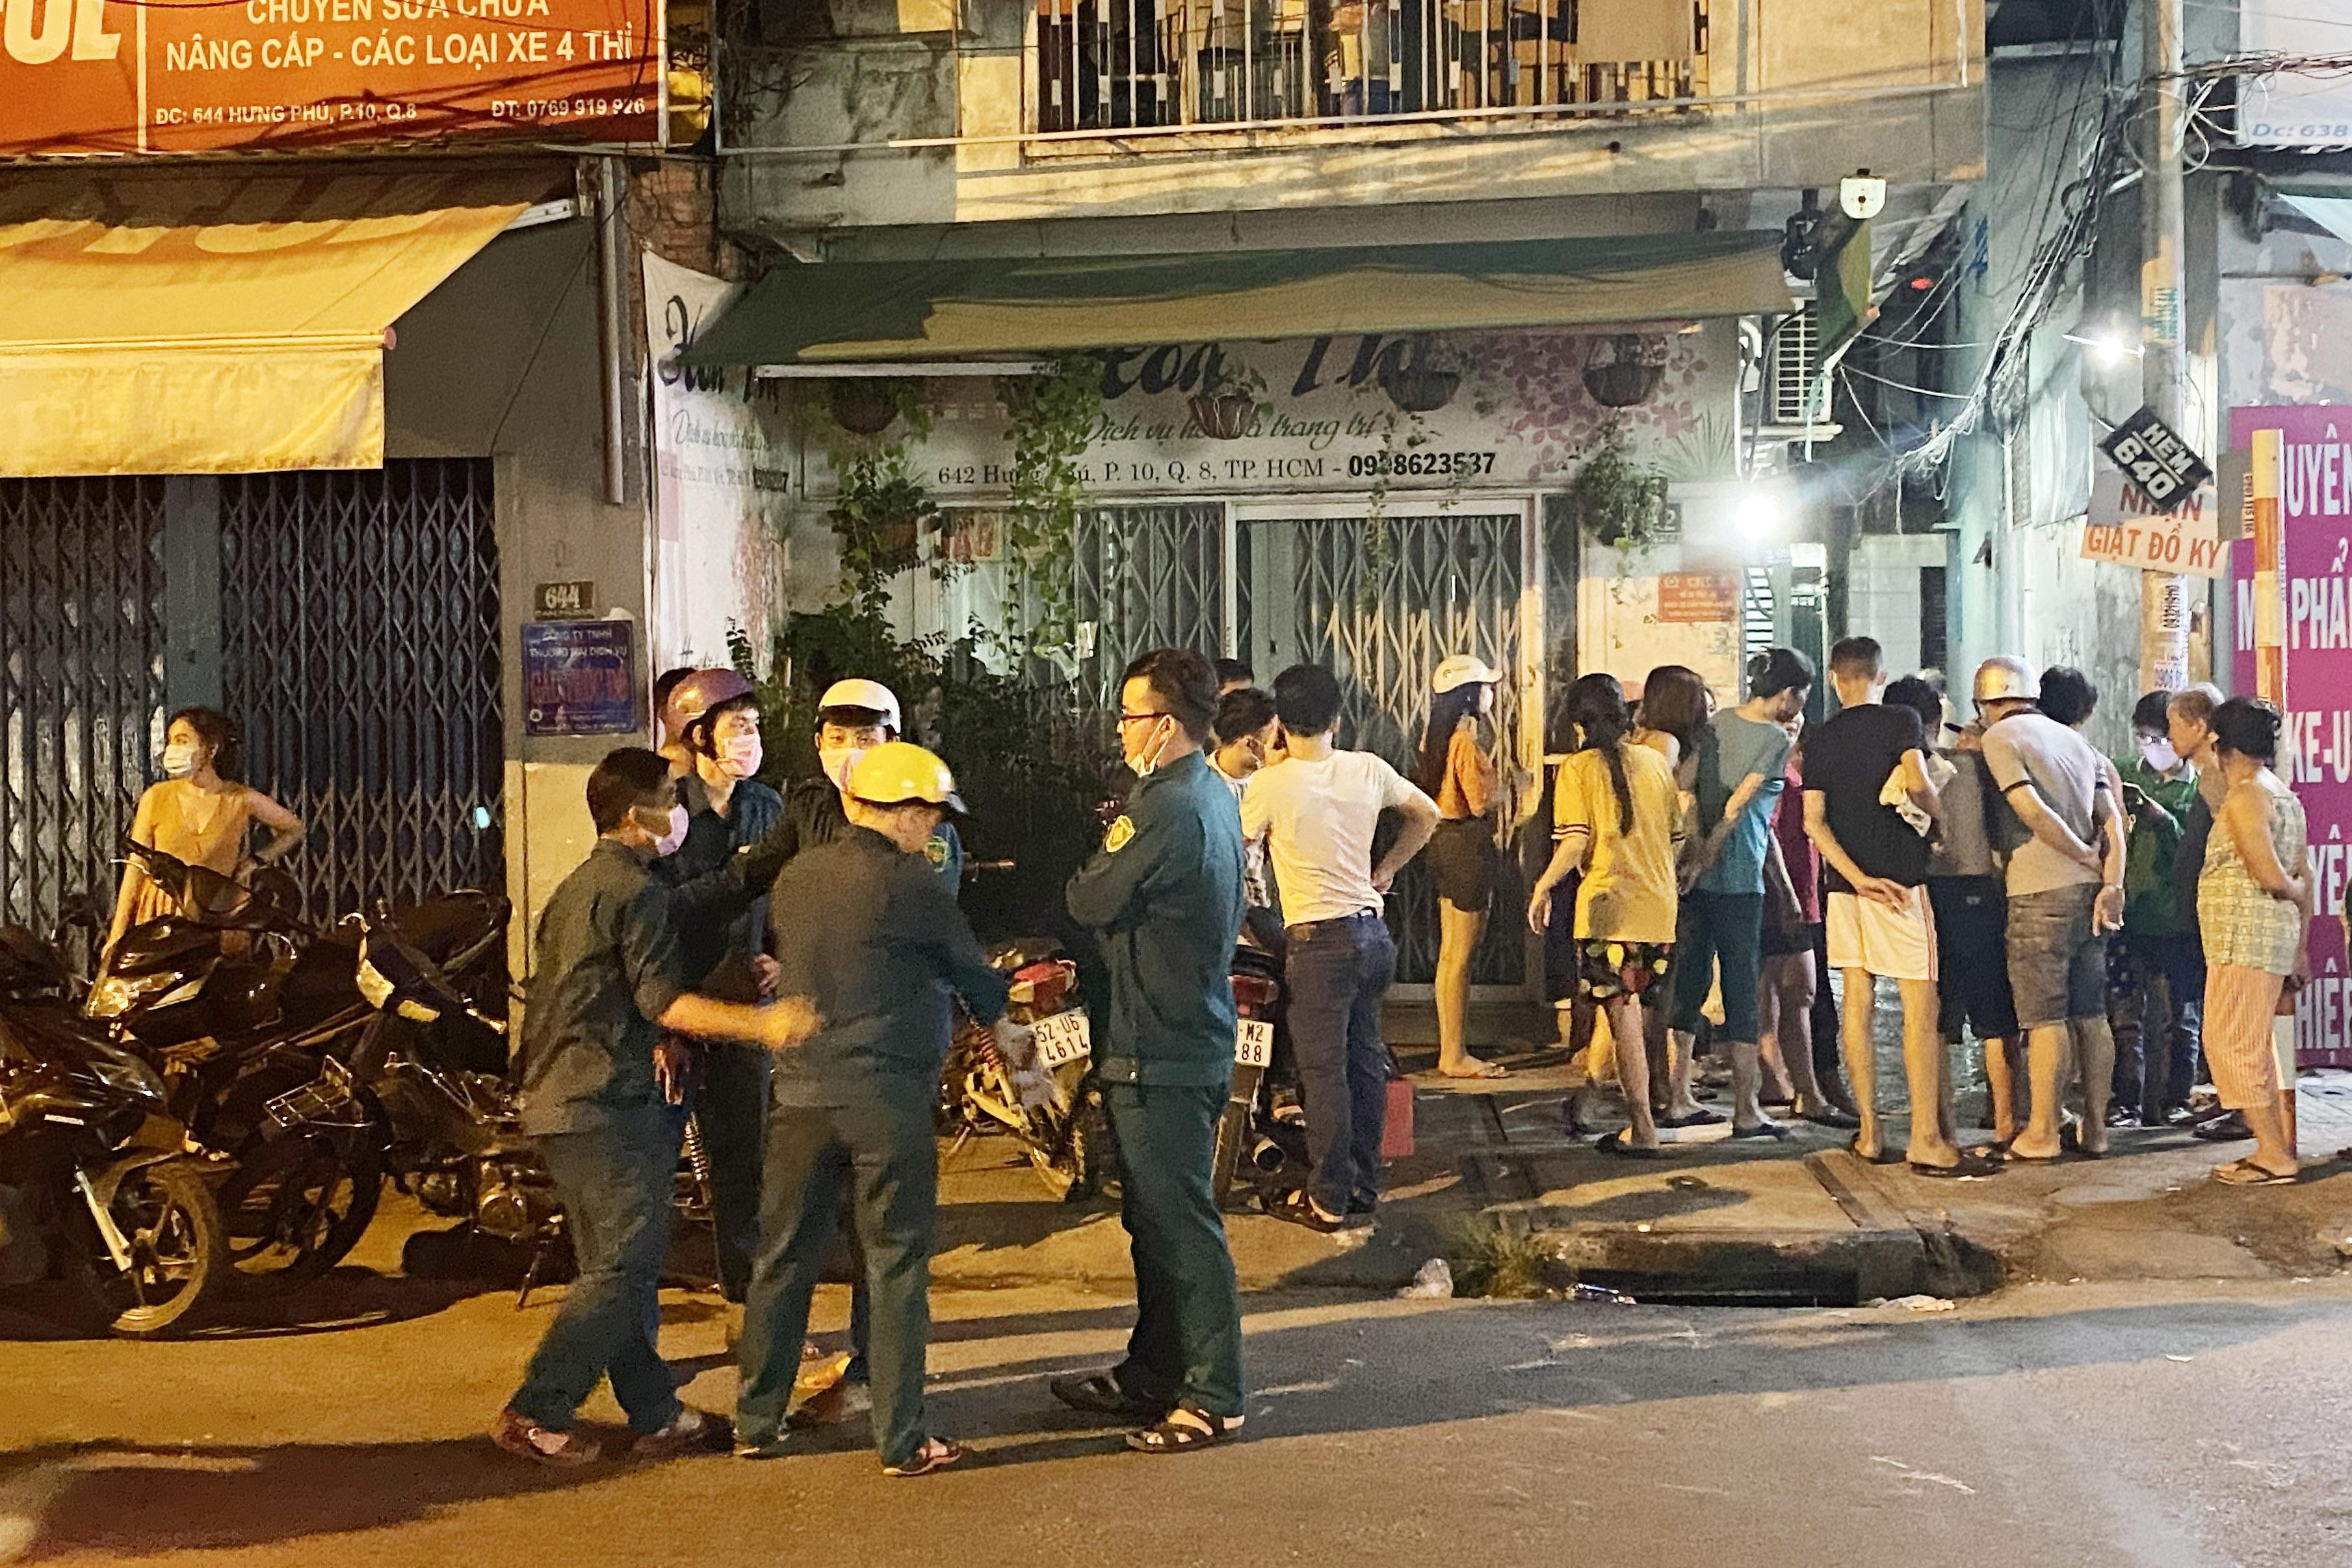 Hai nhóm mang hung khí, bom xăng hỗn chiến, một thanh niên bị đâm nguy kịch - Ảnh 1.